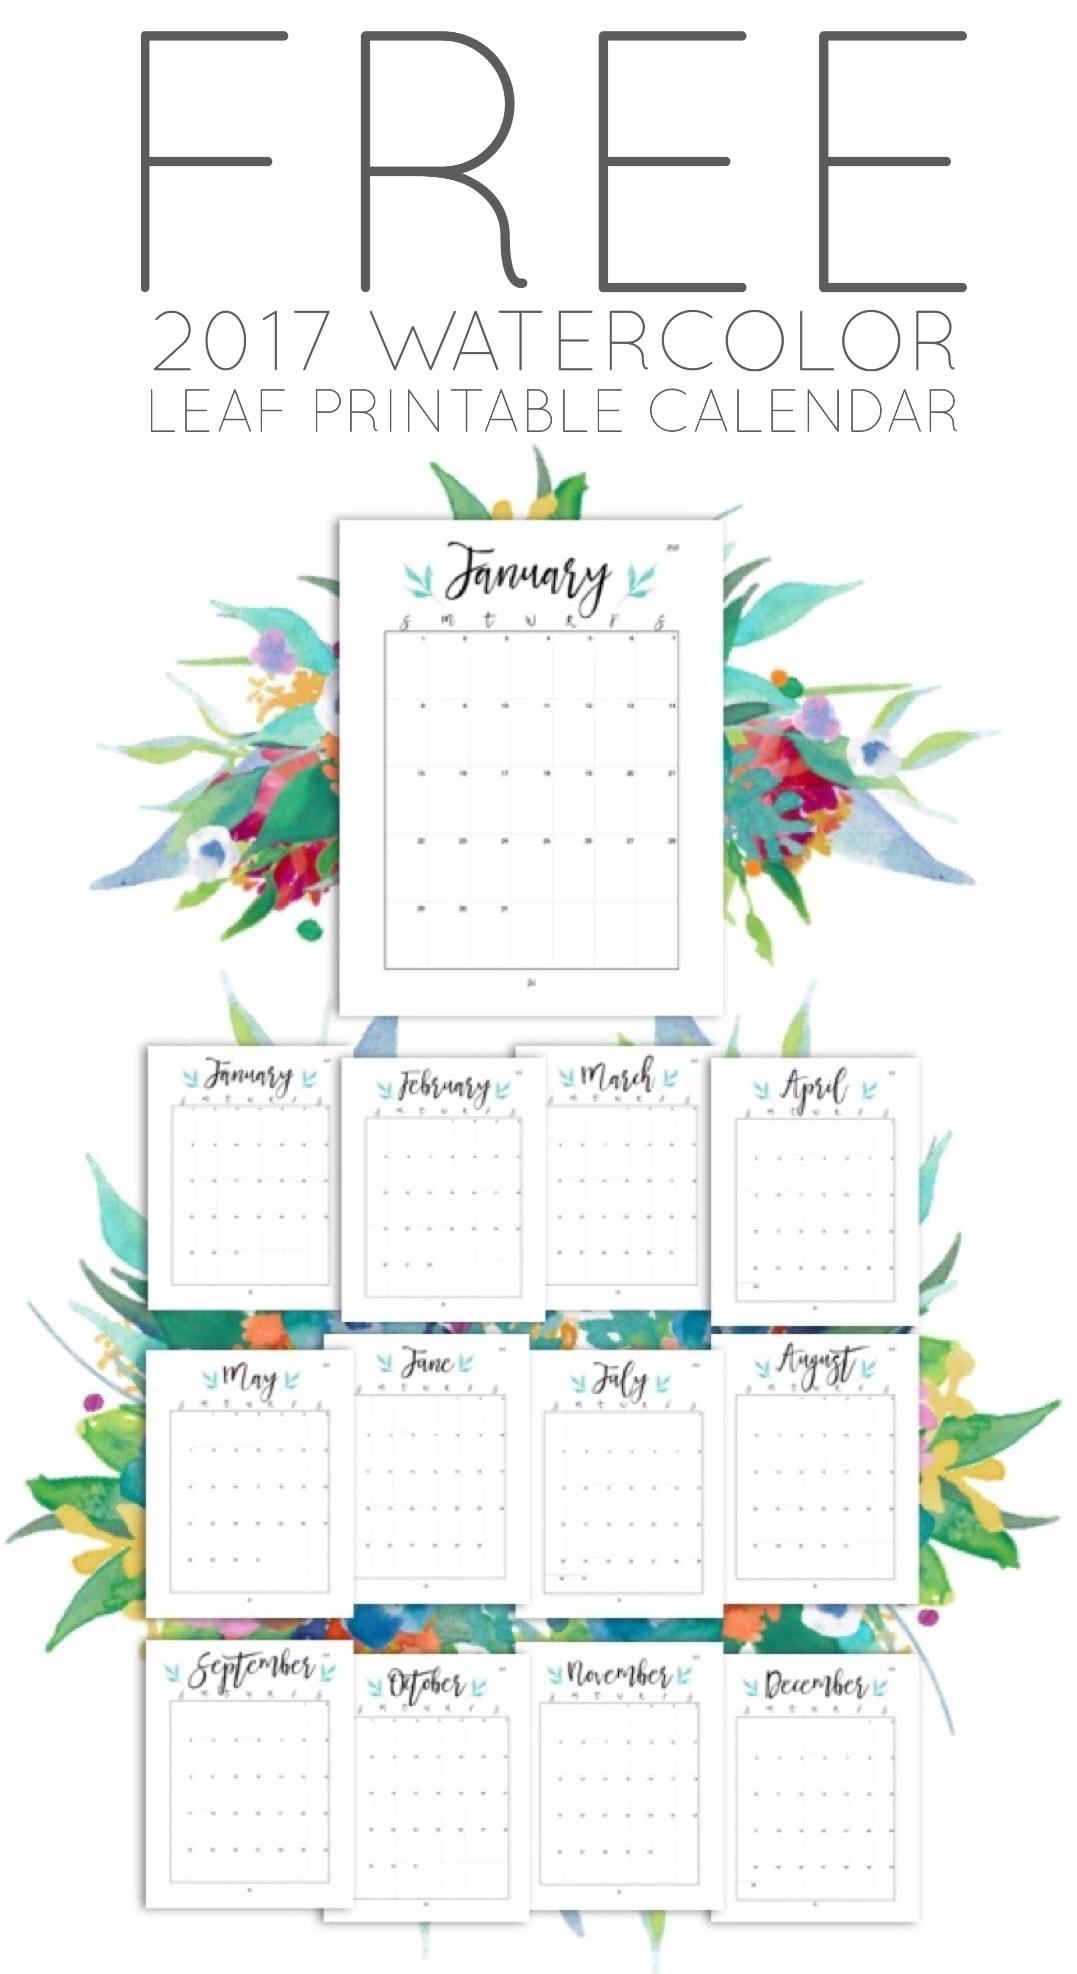 Free 2017 Watercolor Leaf Printable Calendar